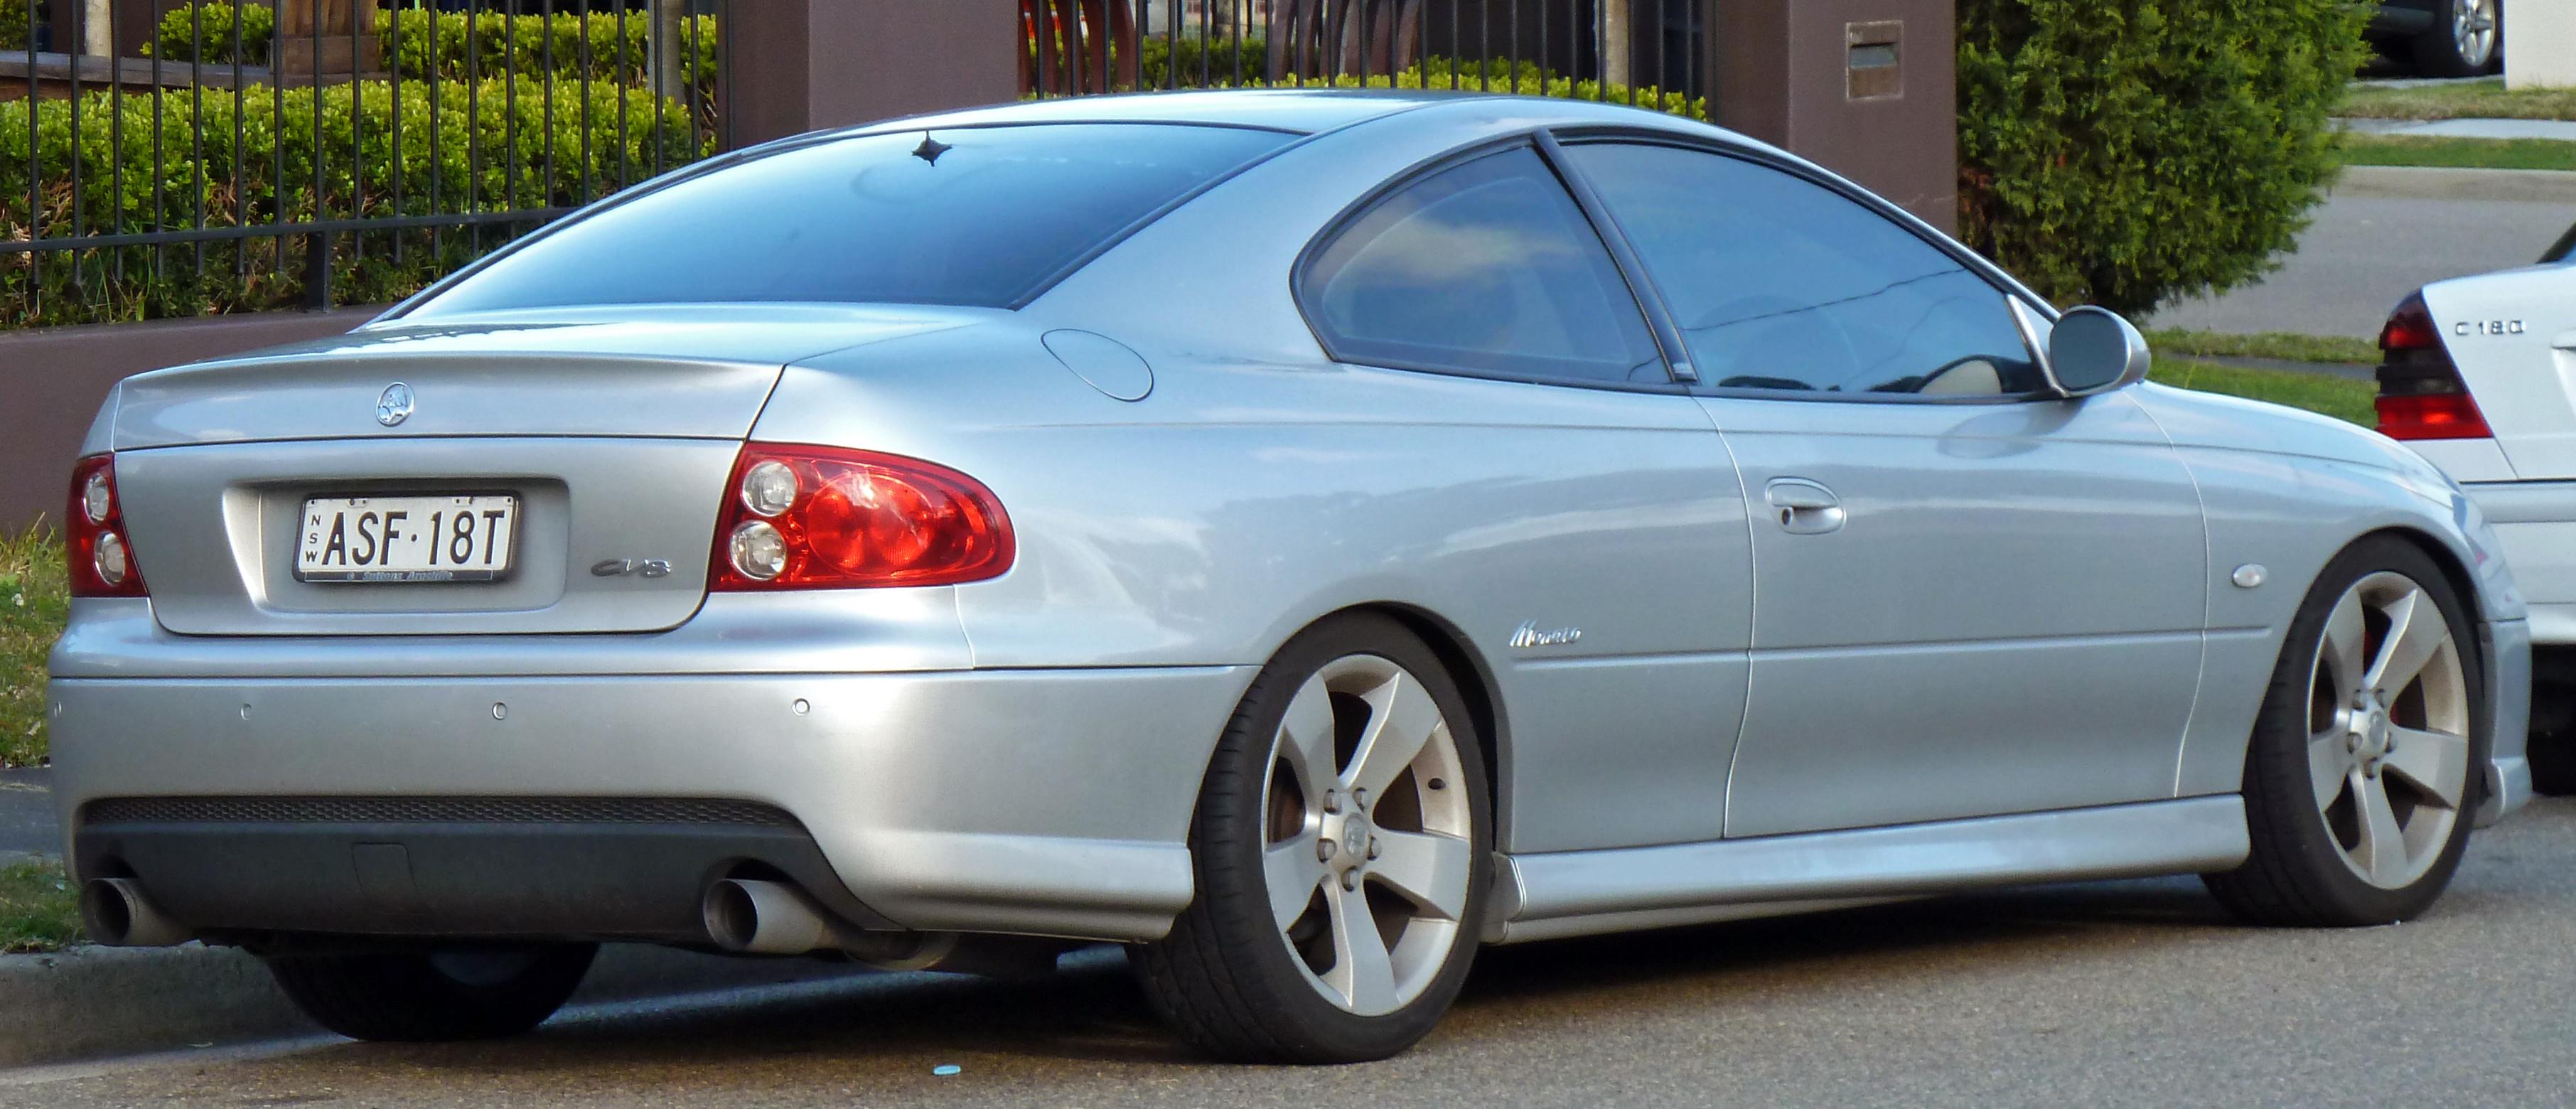 Holden Monaro 2001 - 2005 Coupe #4